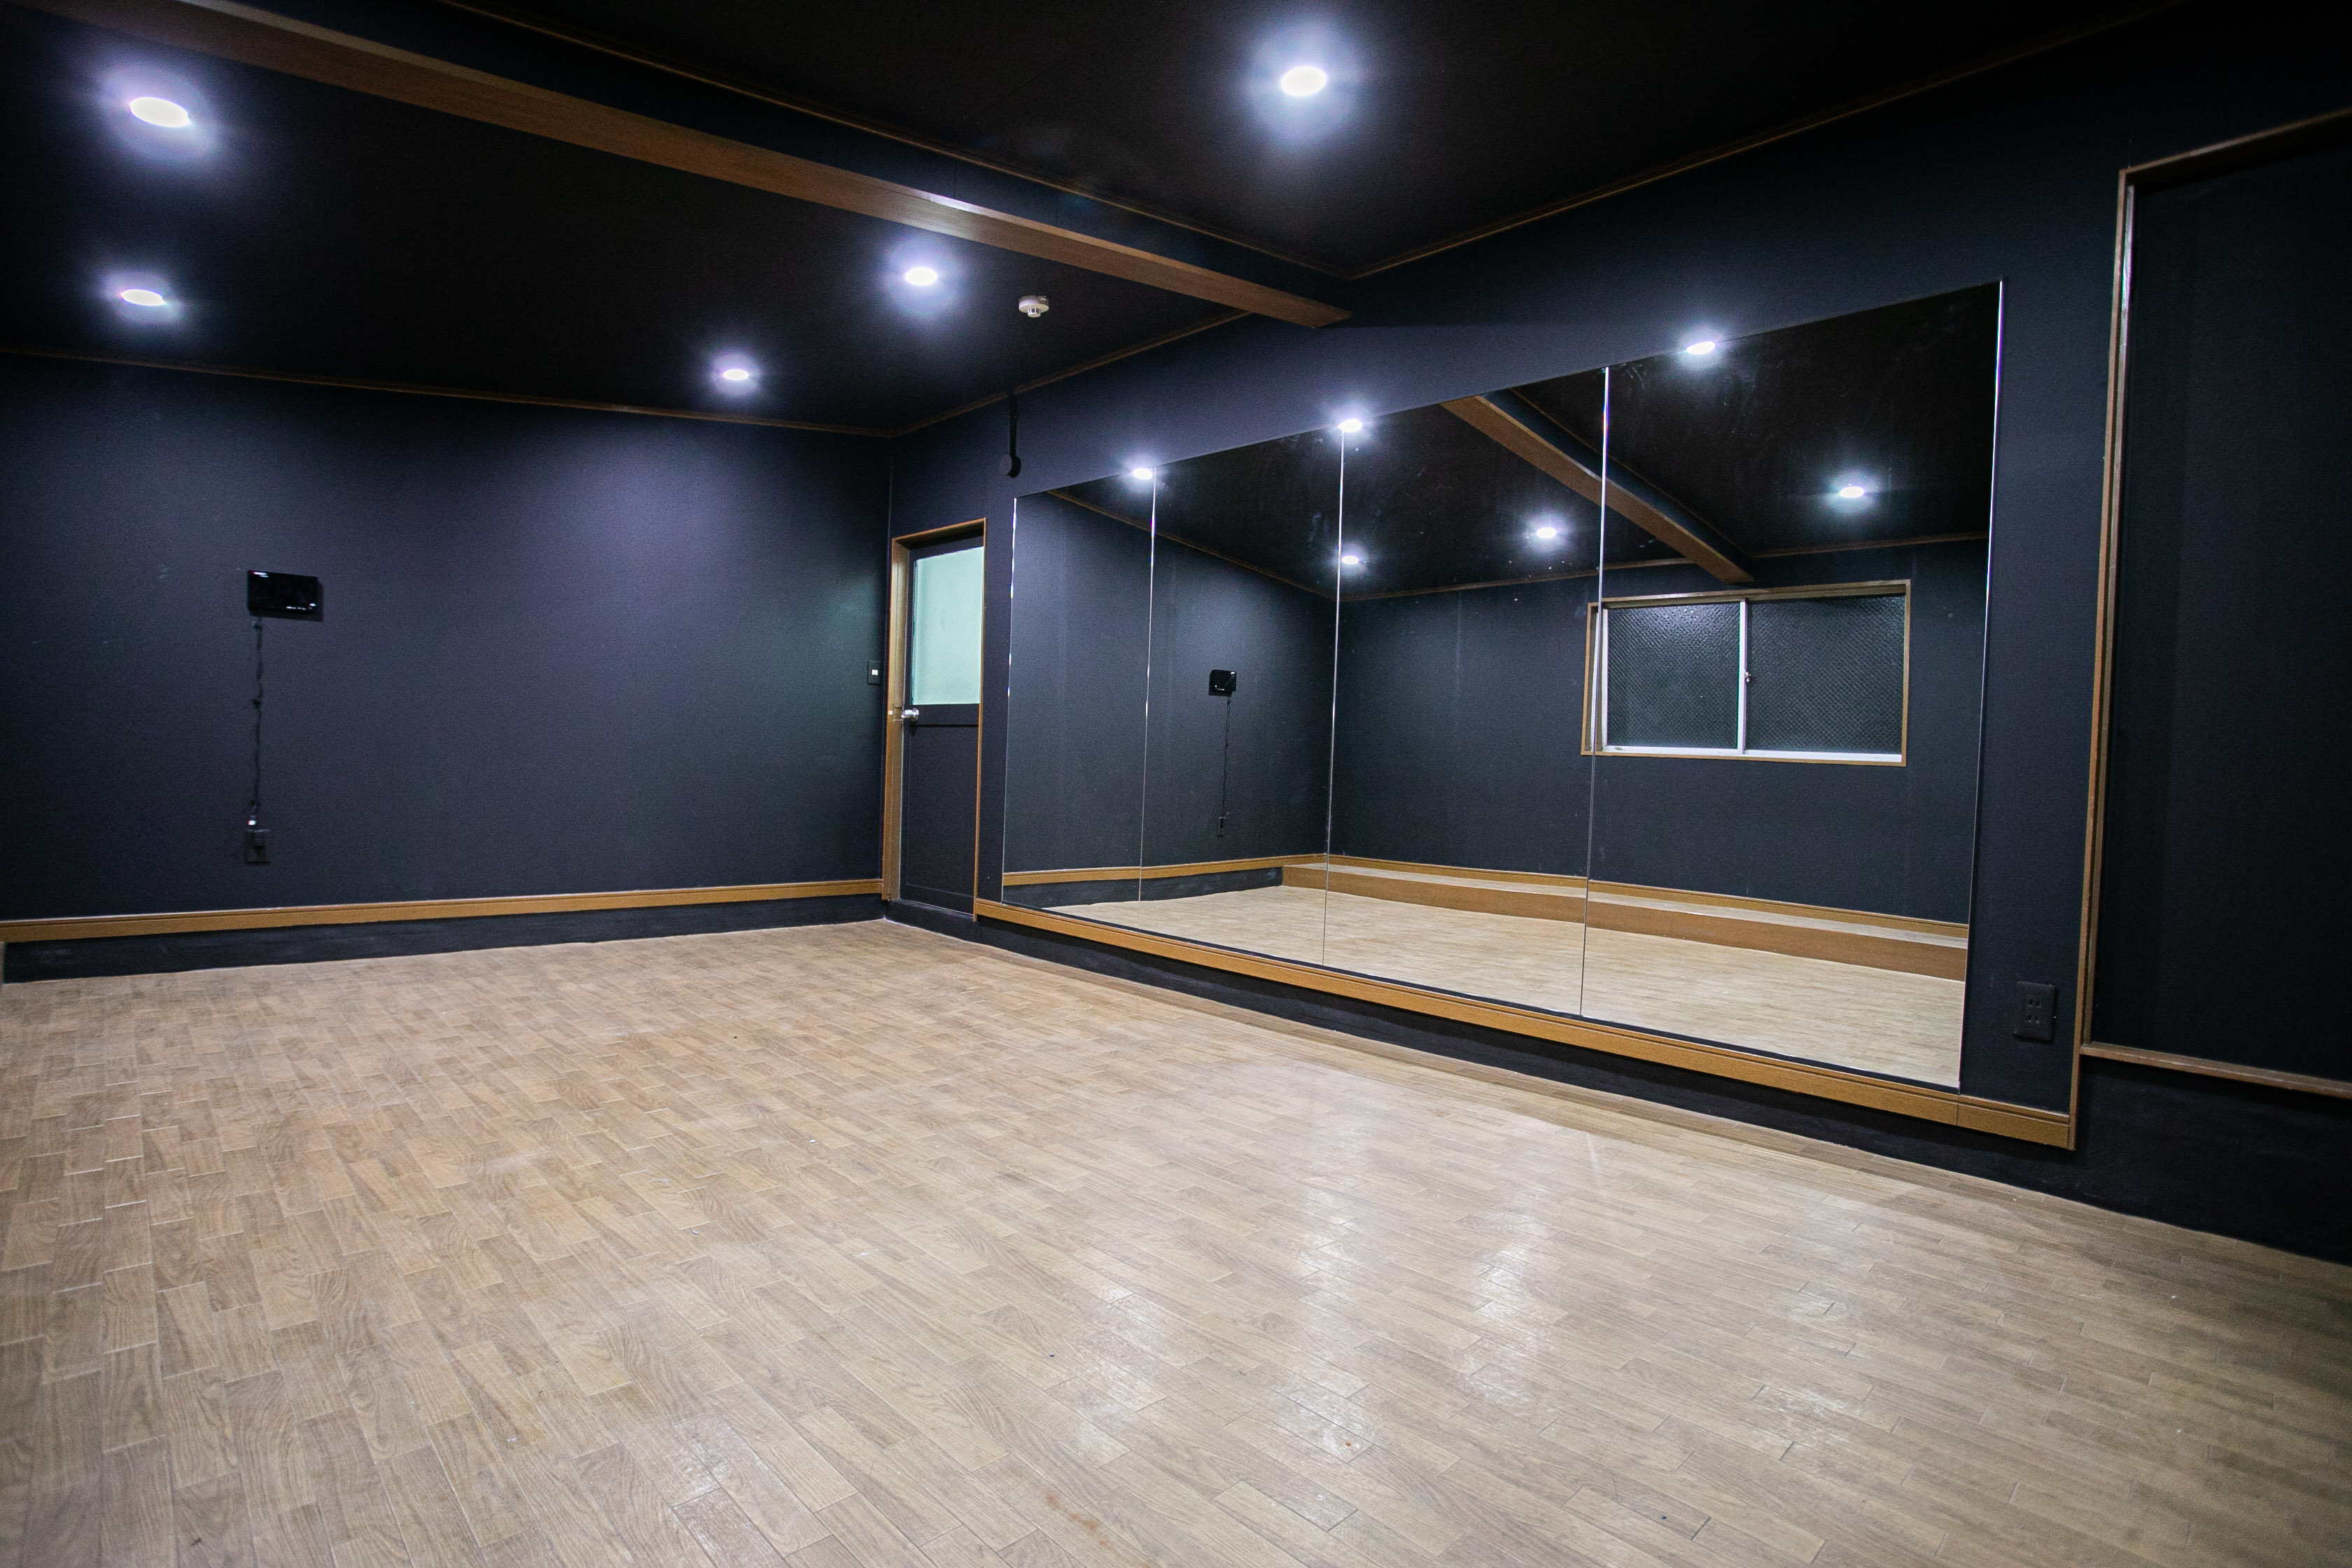 レンタルスタジオ NEOVOX NEOVOXの室内の写真